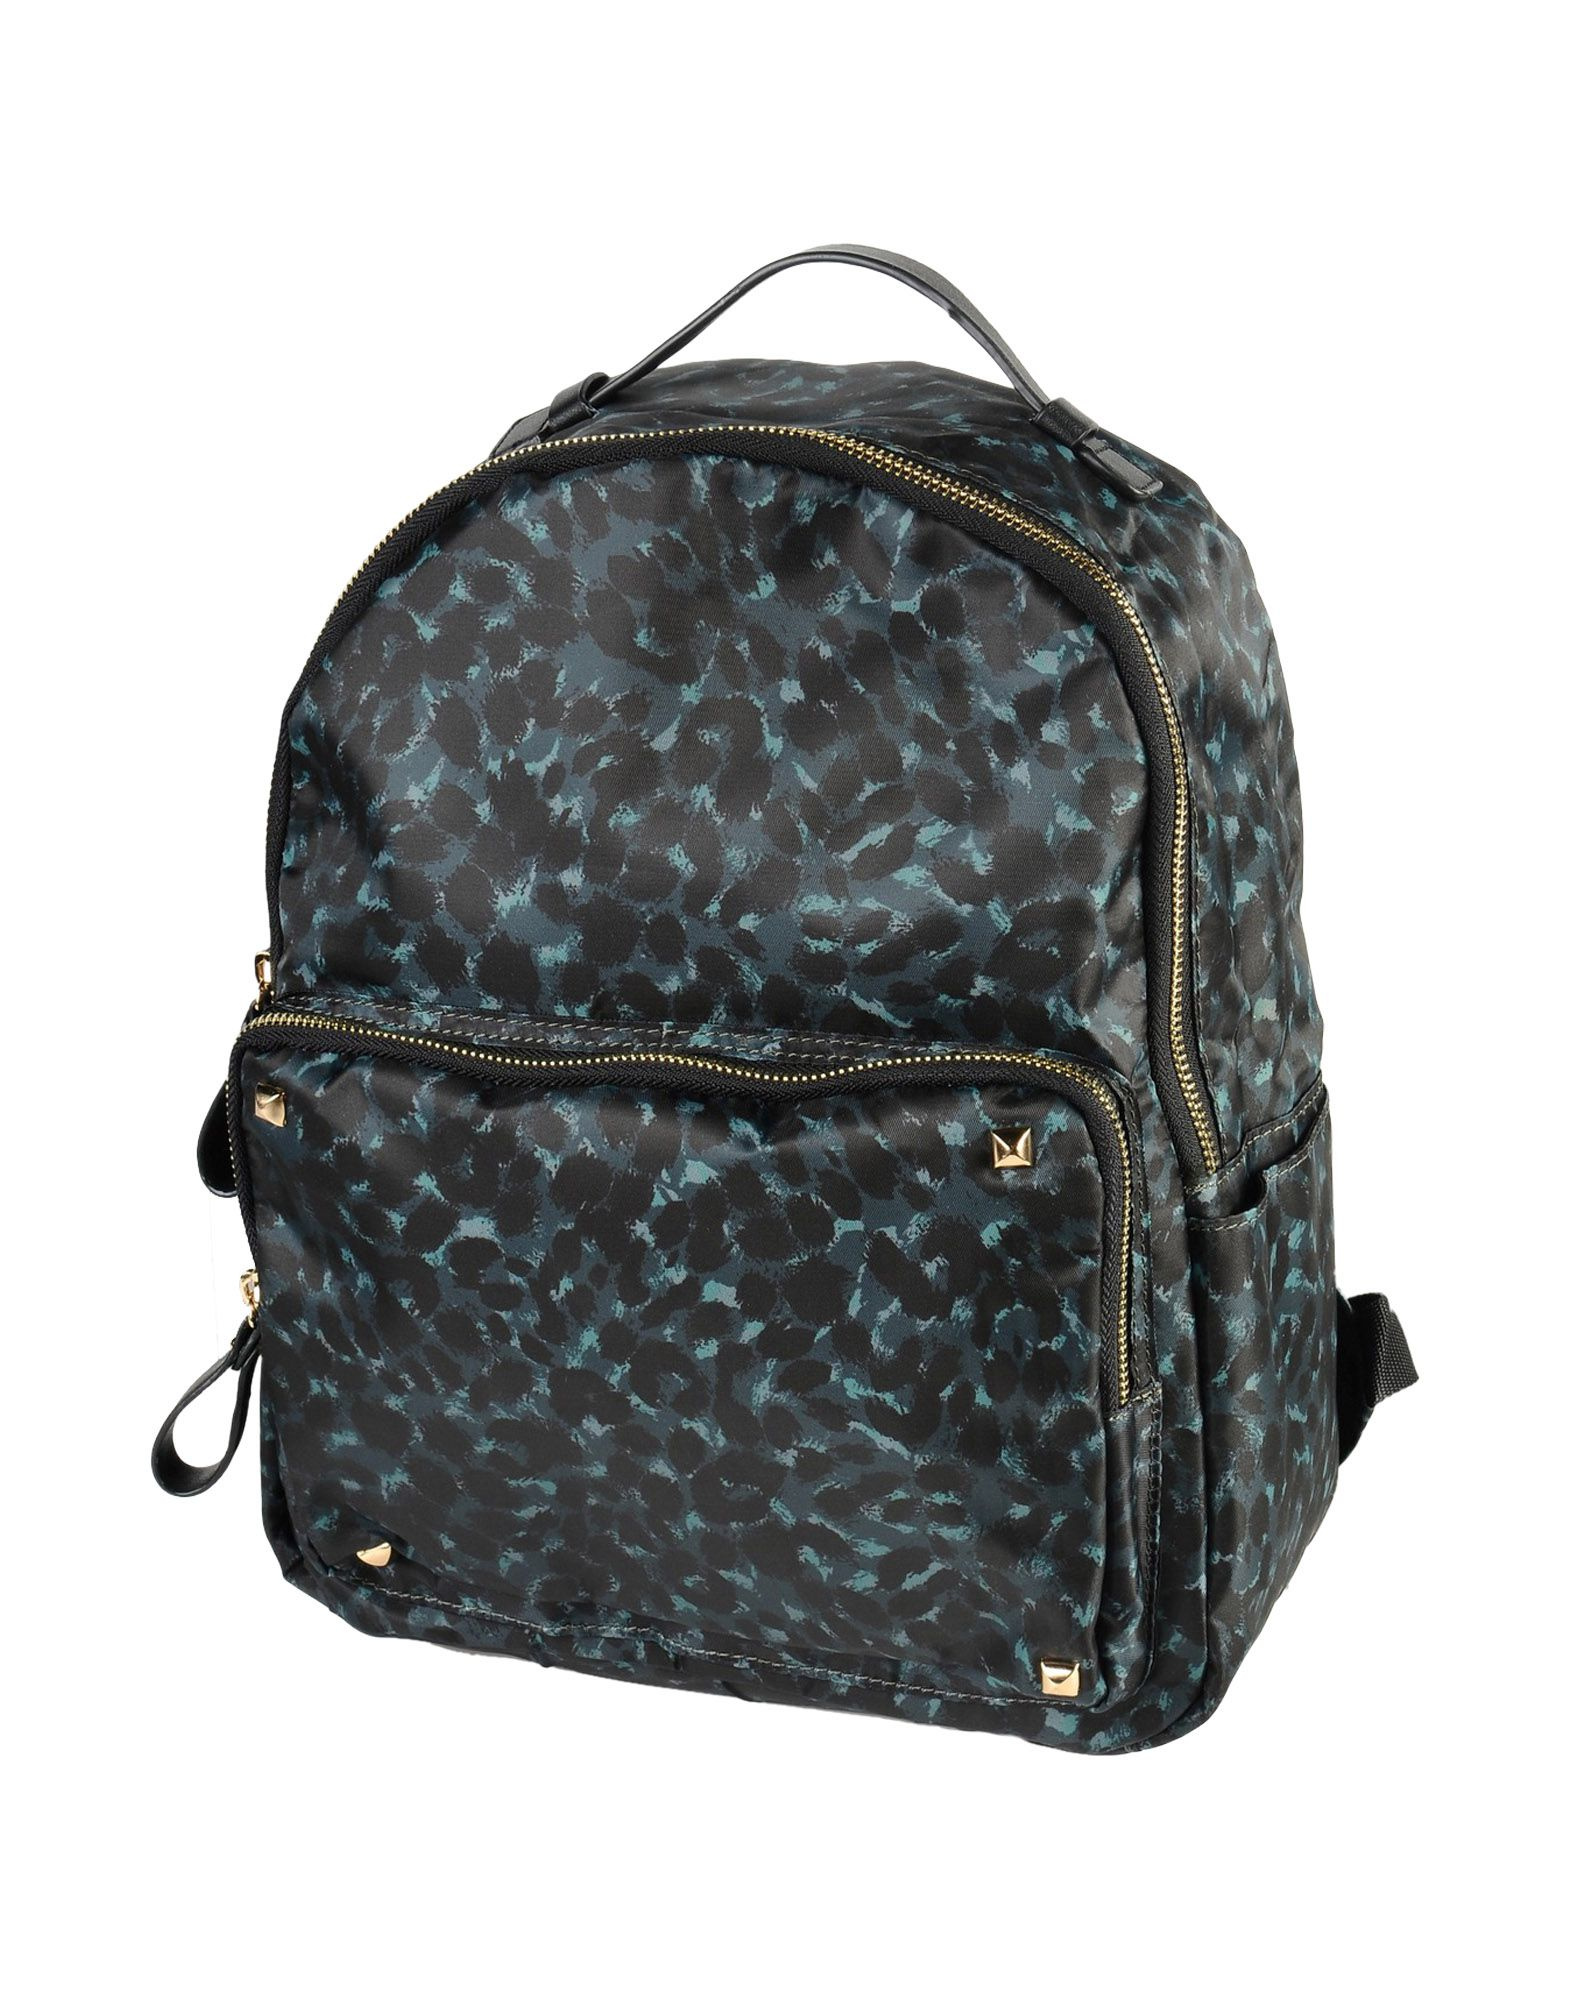 VERO MODA Рюкзаки и сумки на пояс сумки d vero сумка